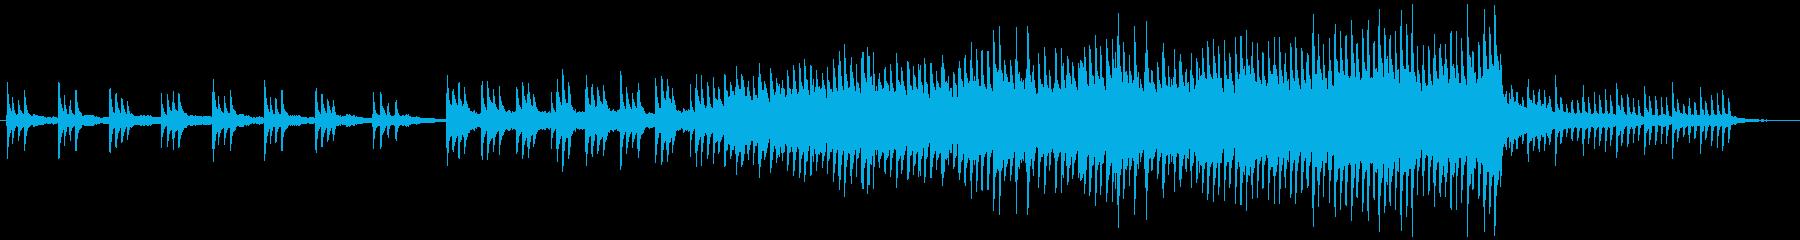 雨をイメージした切ないピアノバラード曲の再生済みの波形